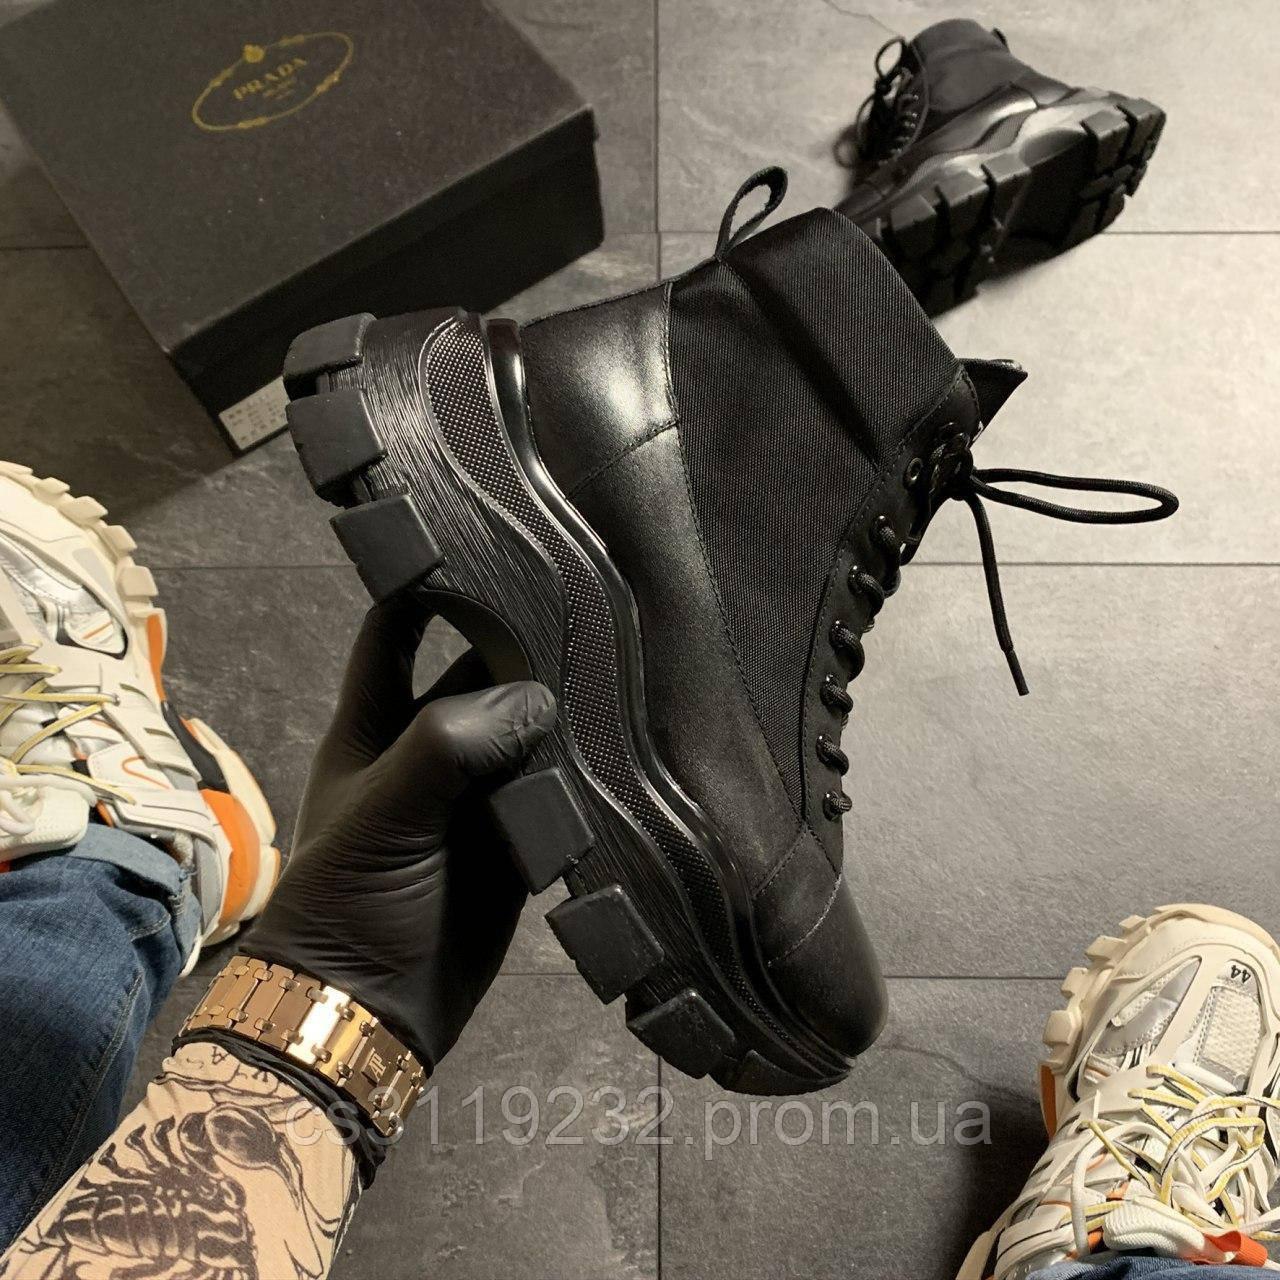 Жіночі кросівки Prada Black Milano Sneakers Block (чорні) 38-42 р.